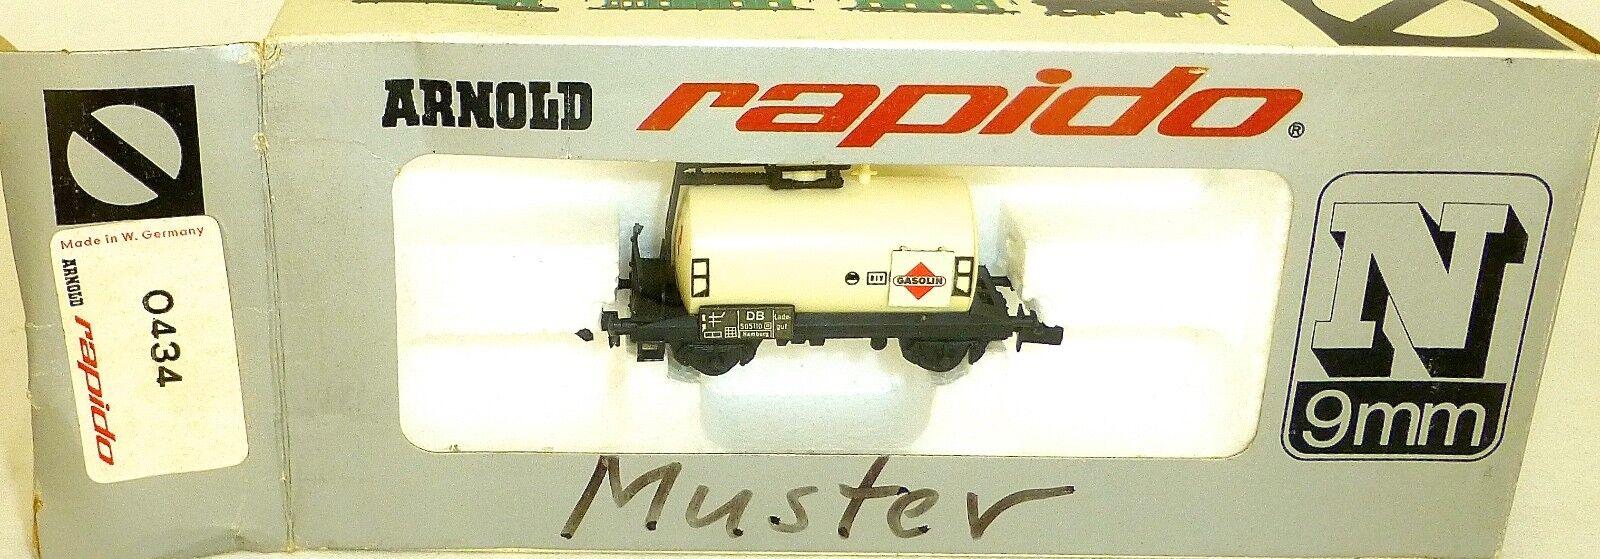 Gasolin Vagone Cisterna Db Arnold Rapido 0434 N 1 160 Conf. Orig. HU3 Å